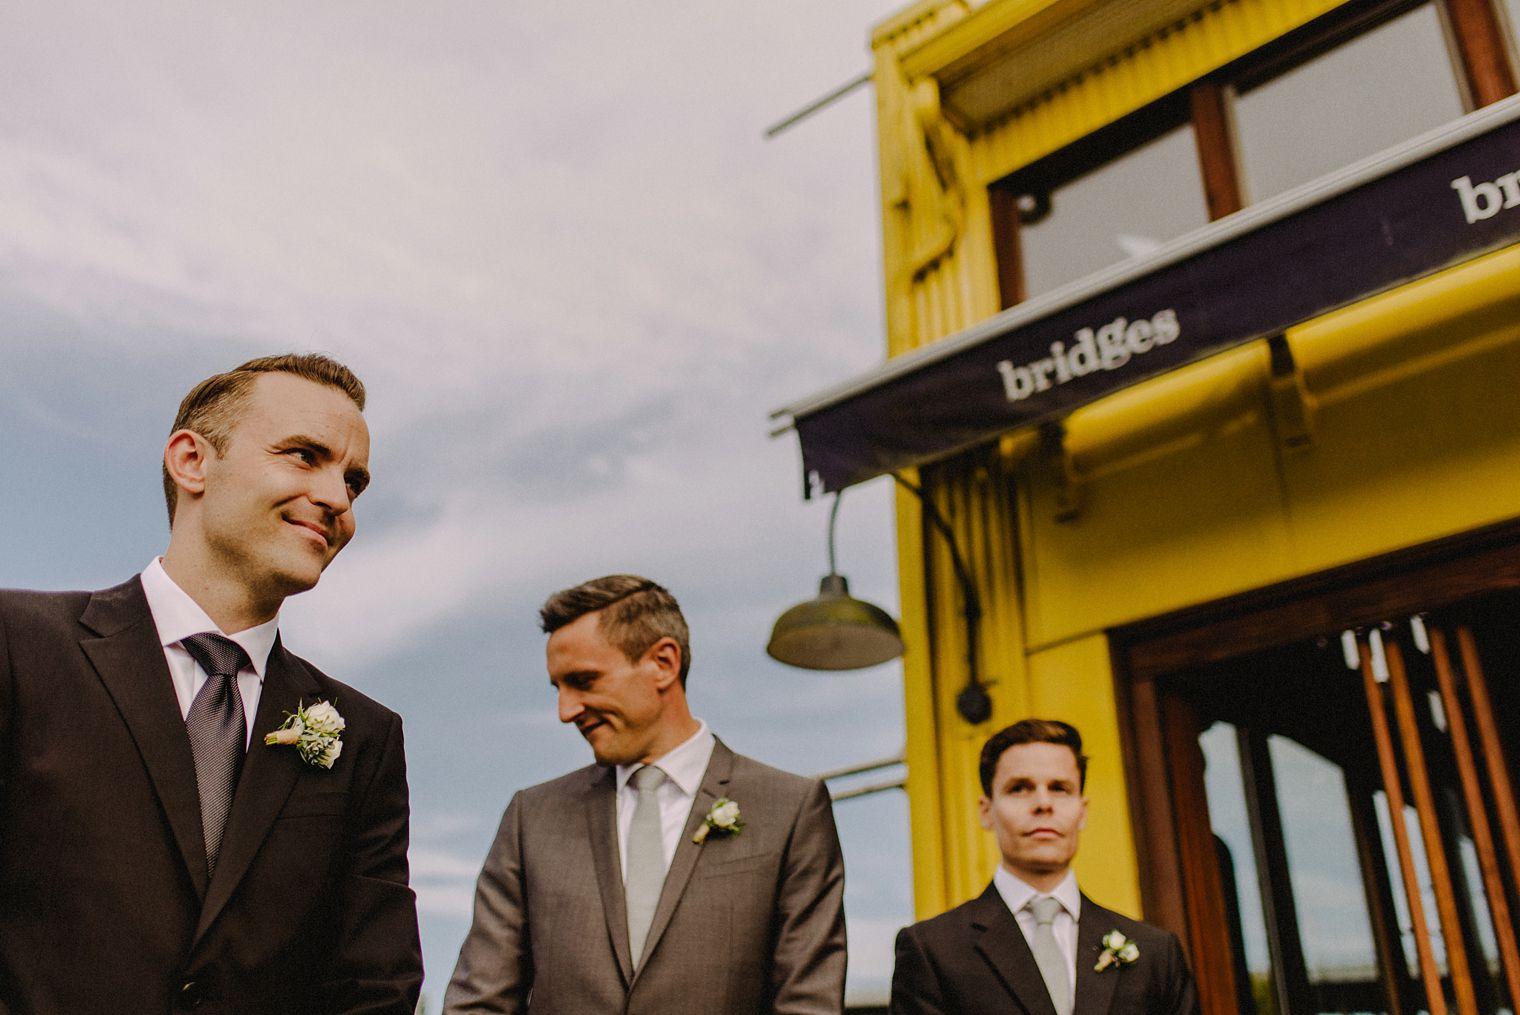 outdoor vancouver restaurant wedding venue